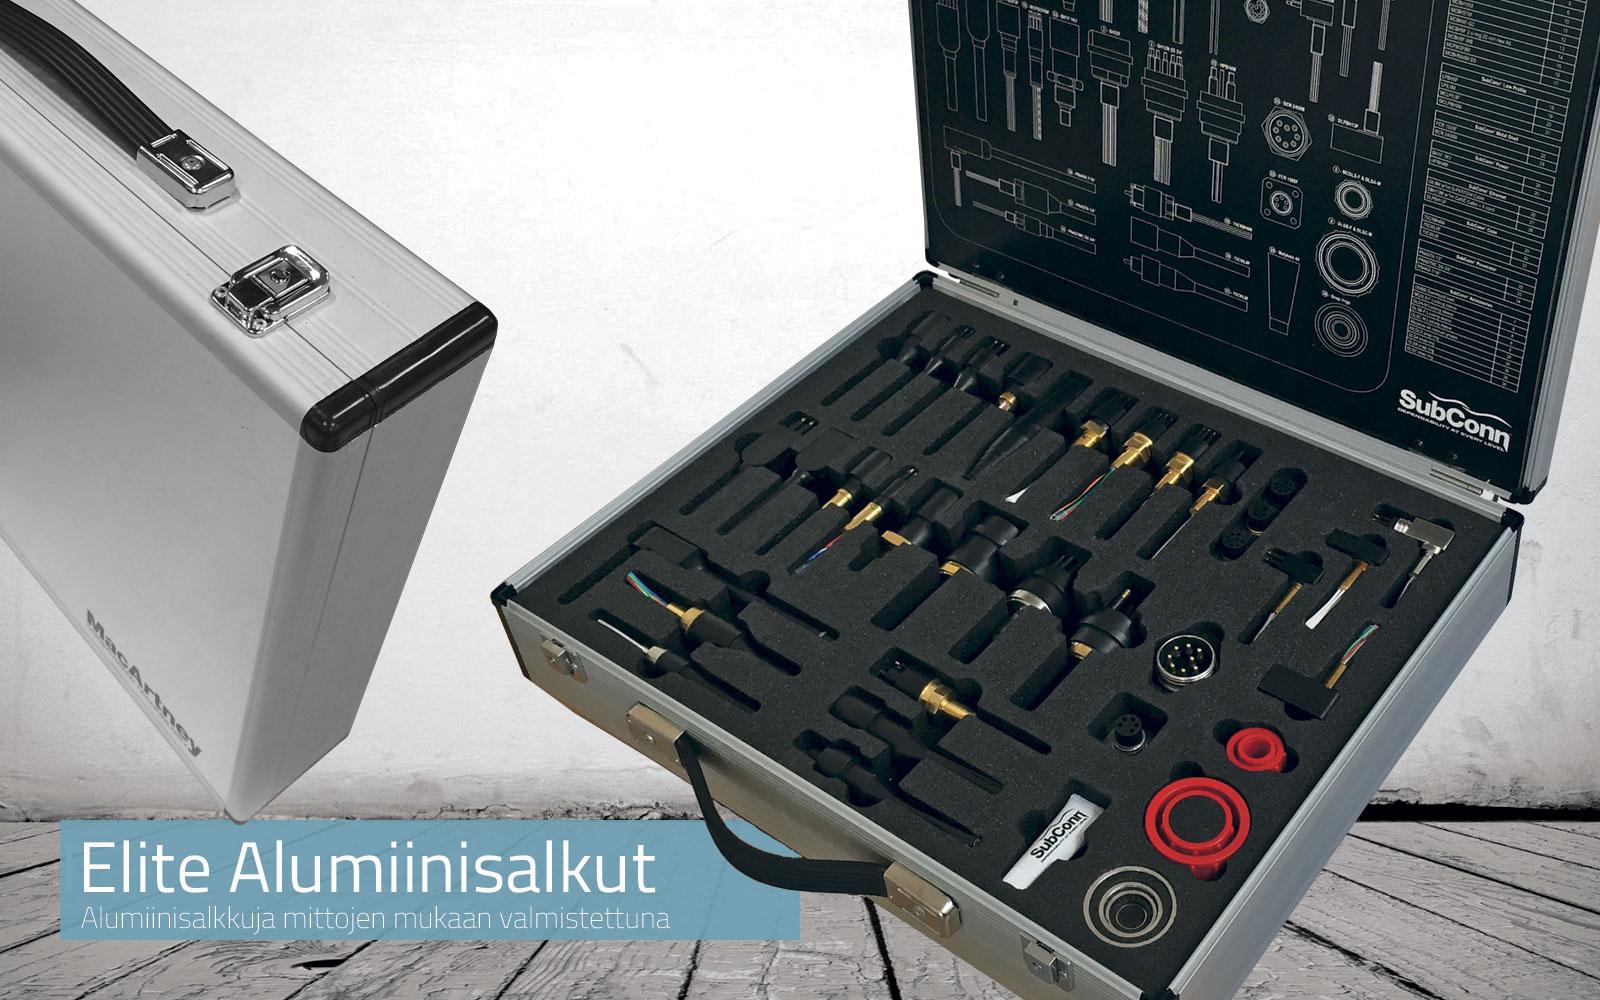 Alumiinisalkkuja mittojen mukaan valmistettuna